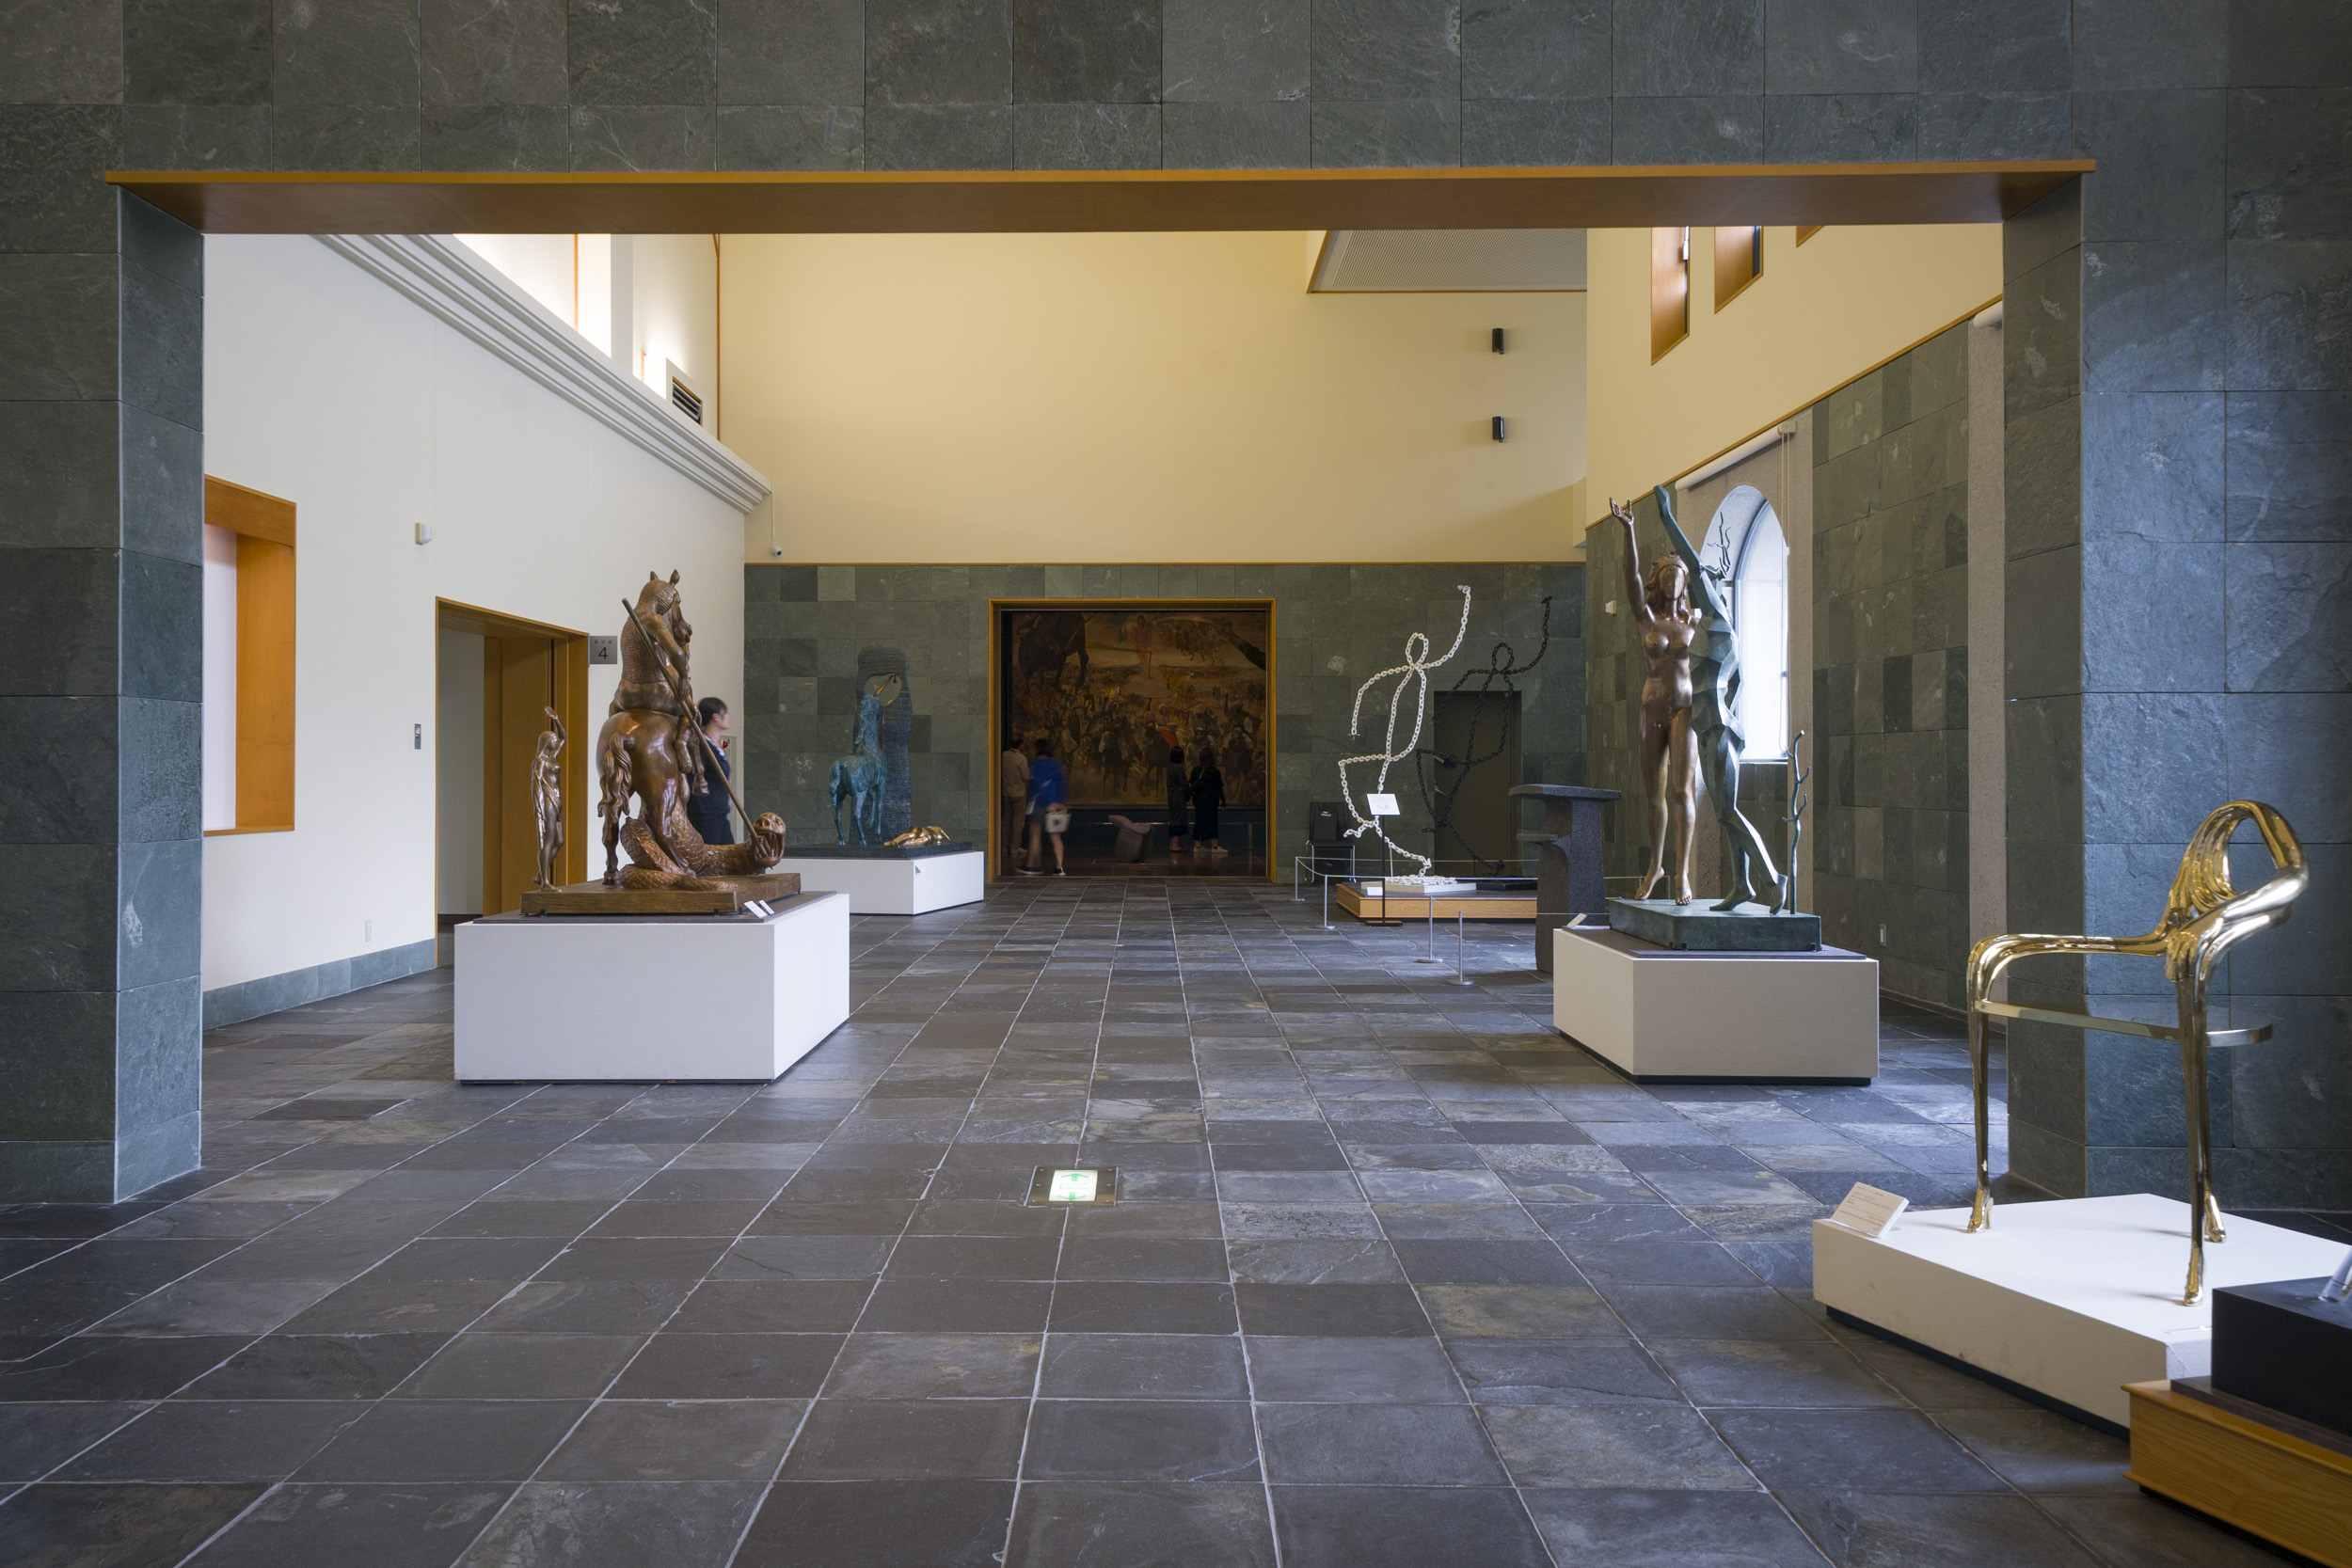 ダリの他、ポール・セザンヌやルノワール、ゴッホなどの近代絵画を所蔵